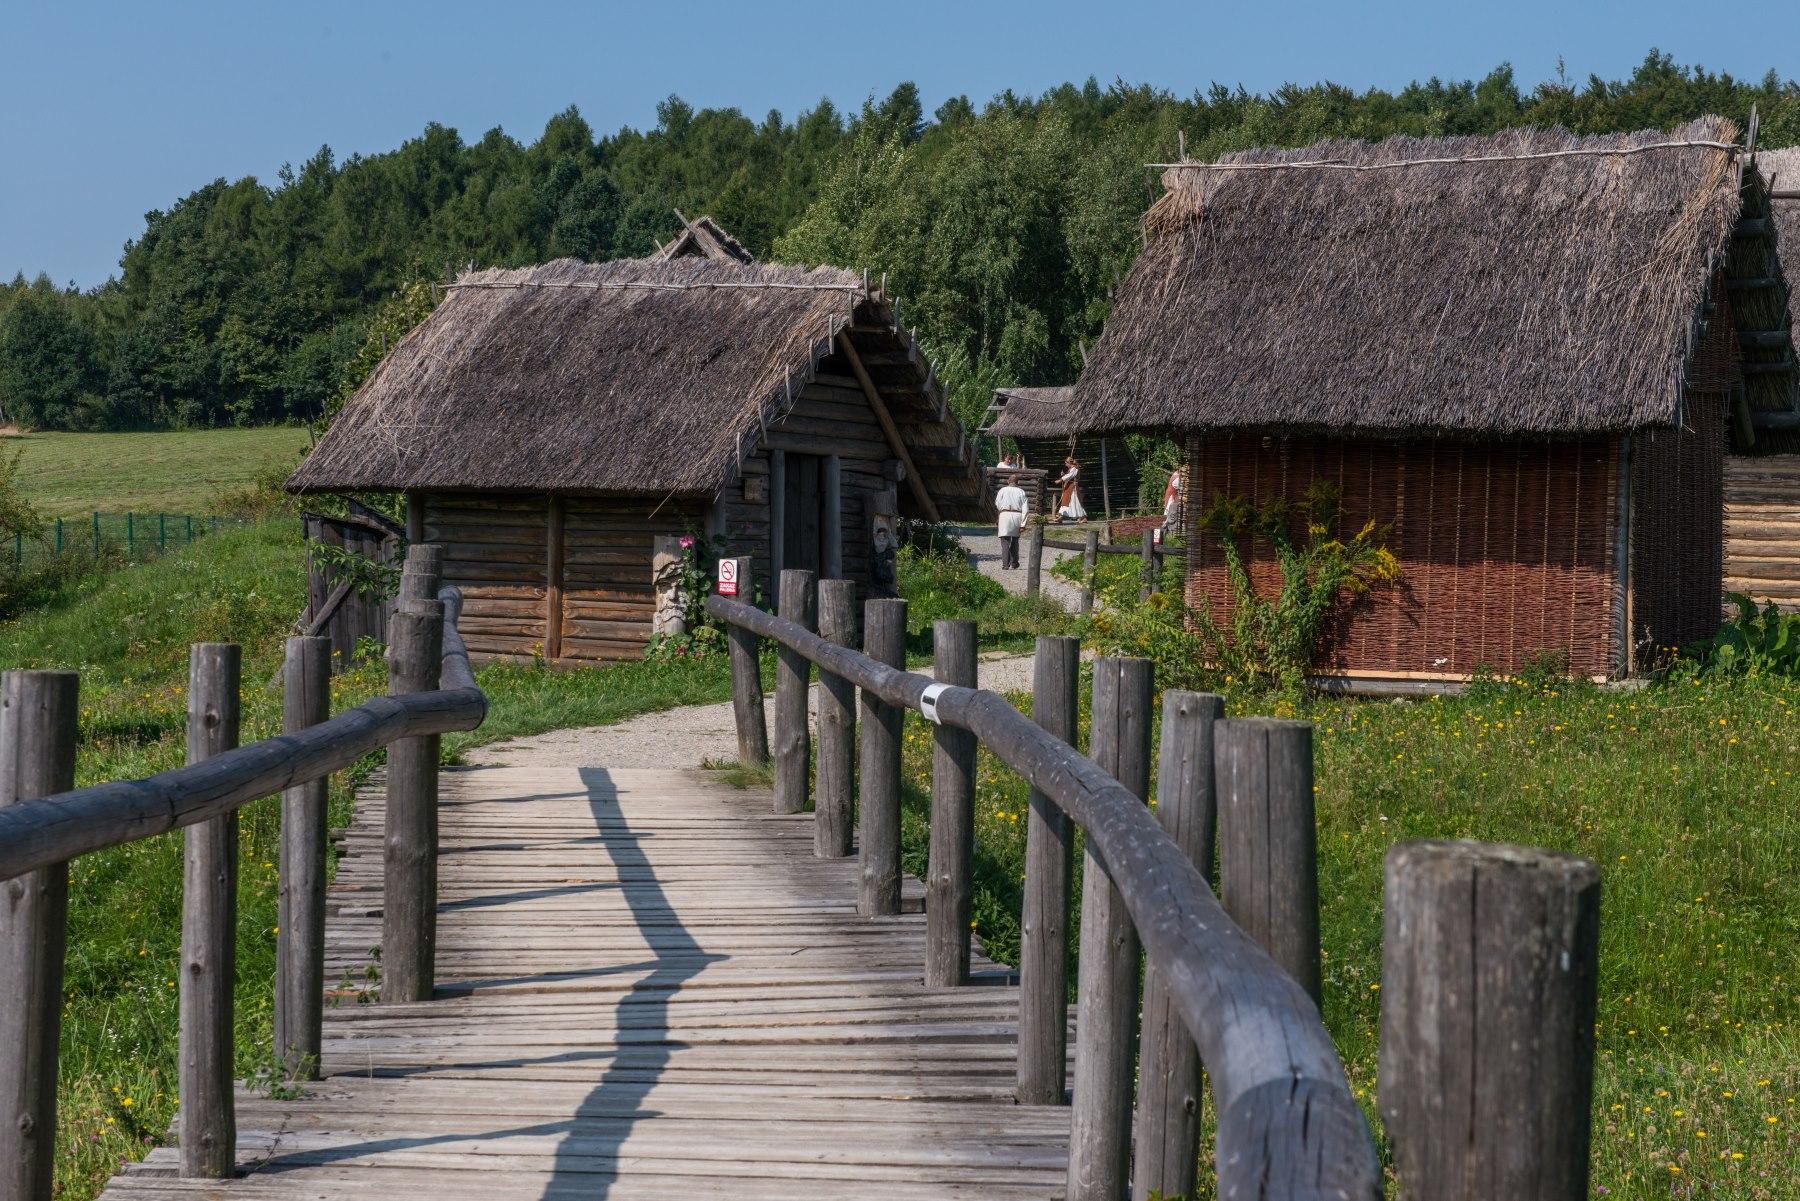 Osada średniowieczna - drewniane chaty kryte słomą